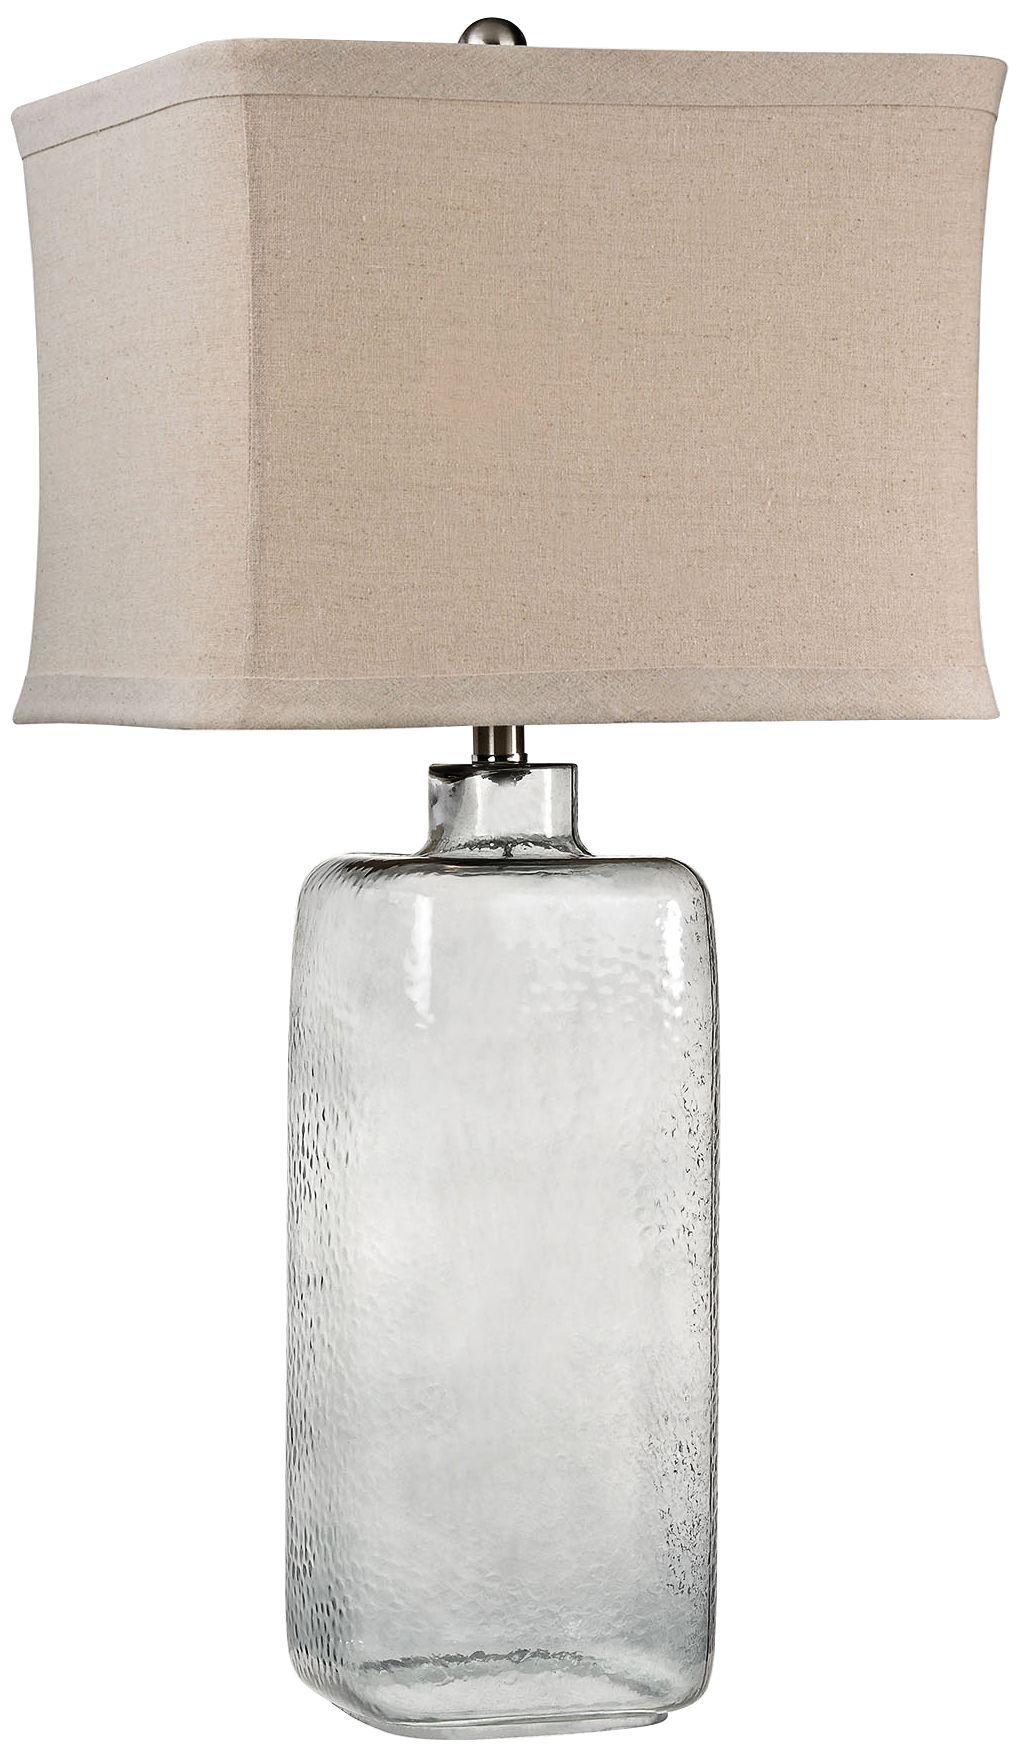 Gentil Lamps Plus